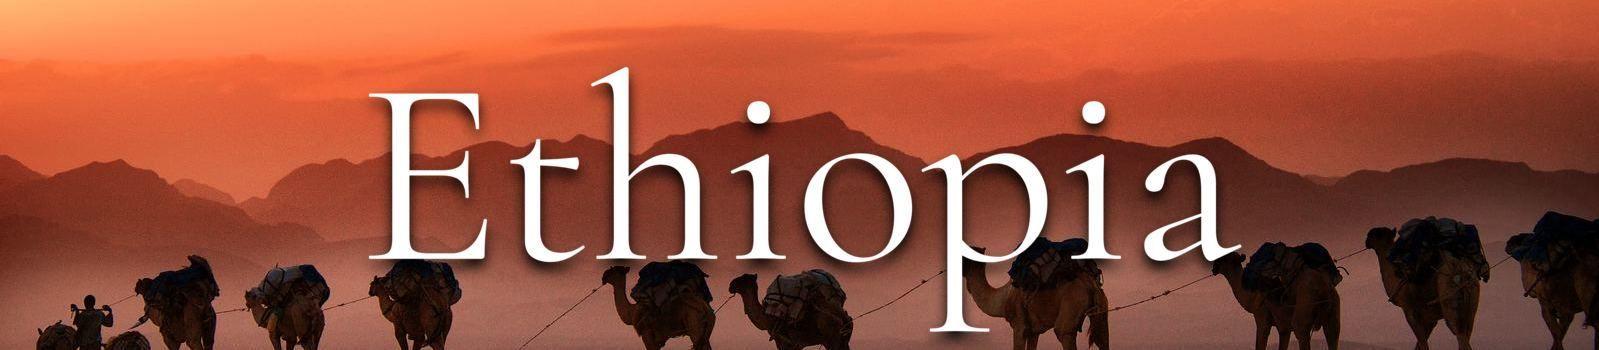 Ethiopia Banner